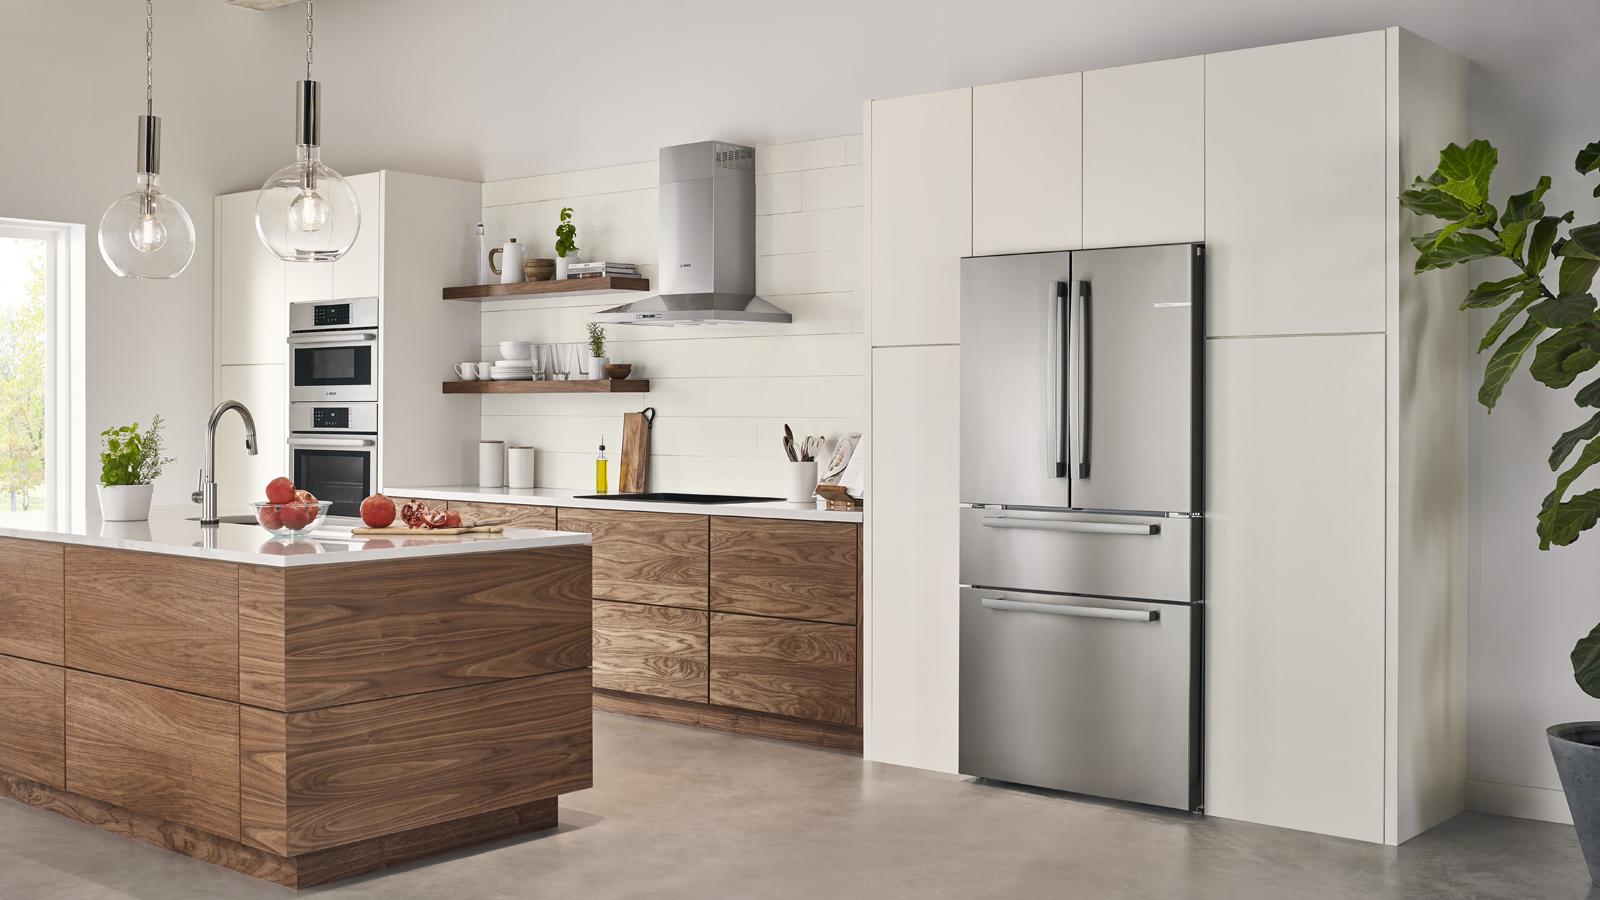 Kühlschrank Bosch : Bosch kühlschrank flaschenfach absteller türfach weiß